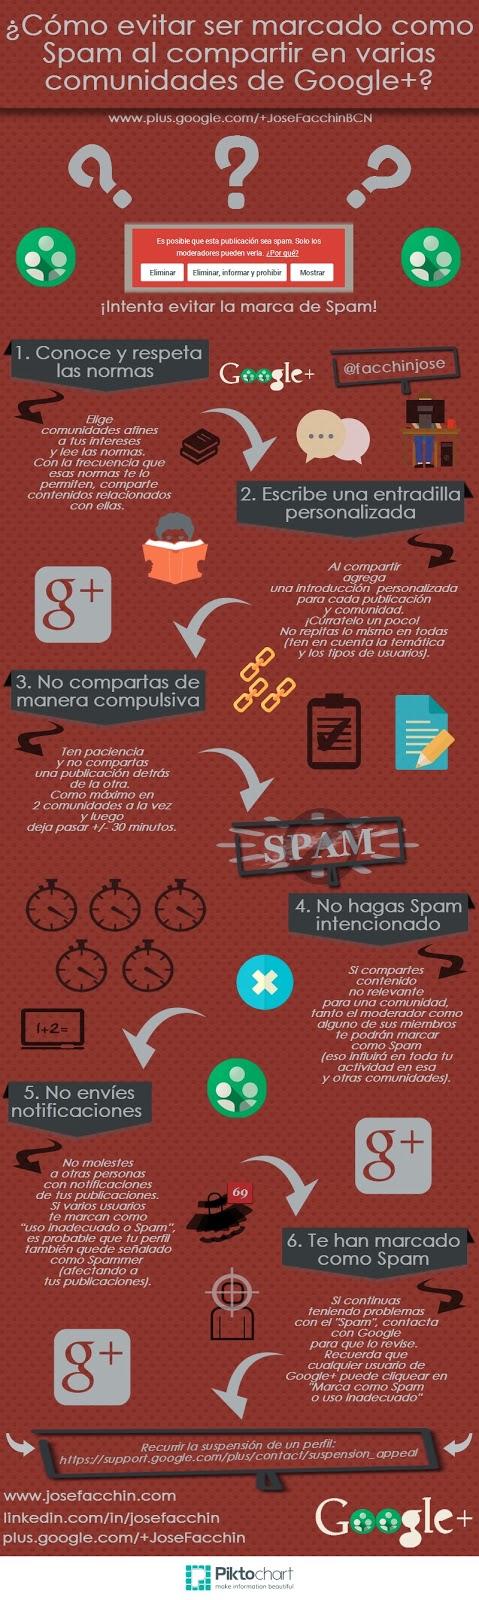 Infografía ¿Cómo evitar el Spam al compartir en varias comunidades de Google Plus?